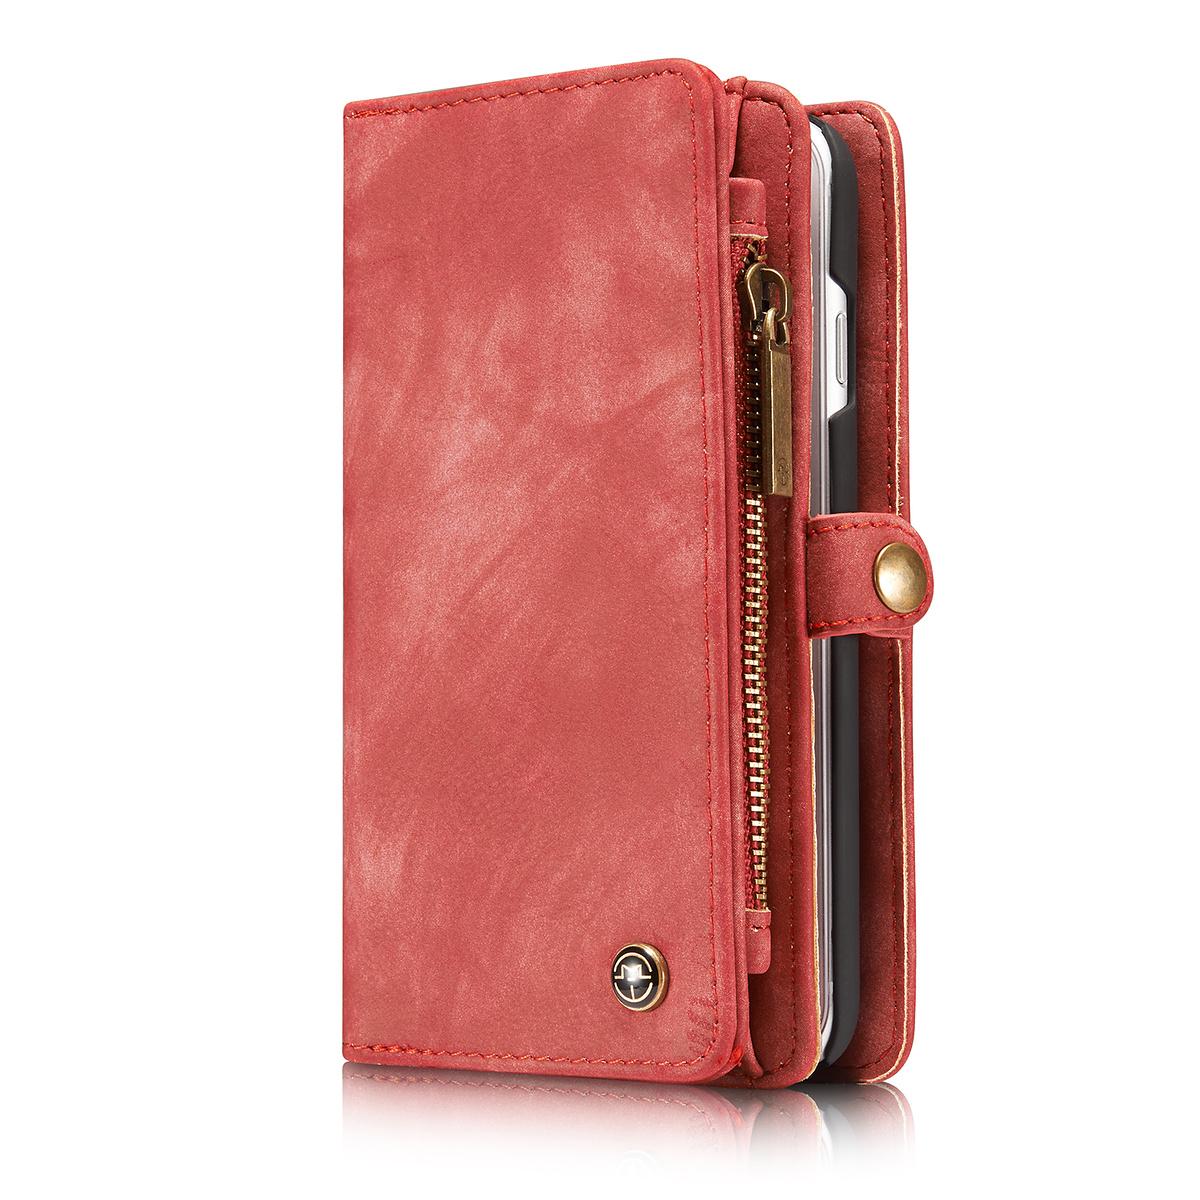 CaseMe plånboksfodral med magnetskal, iPhone 7/8, röd